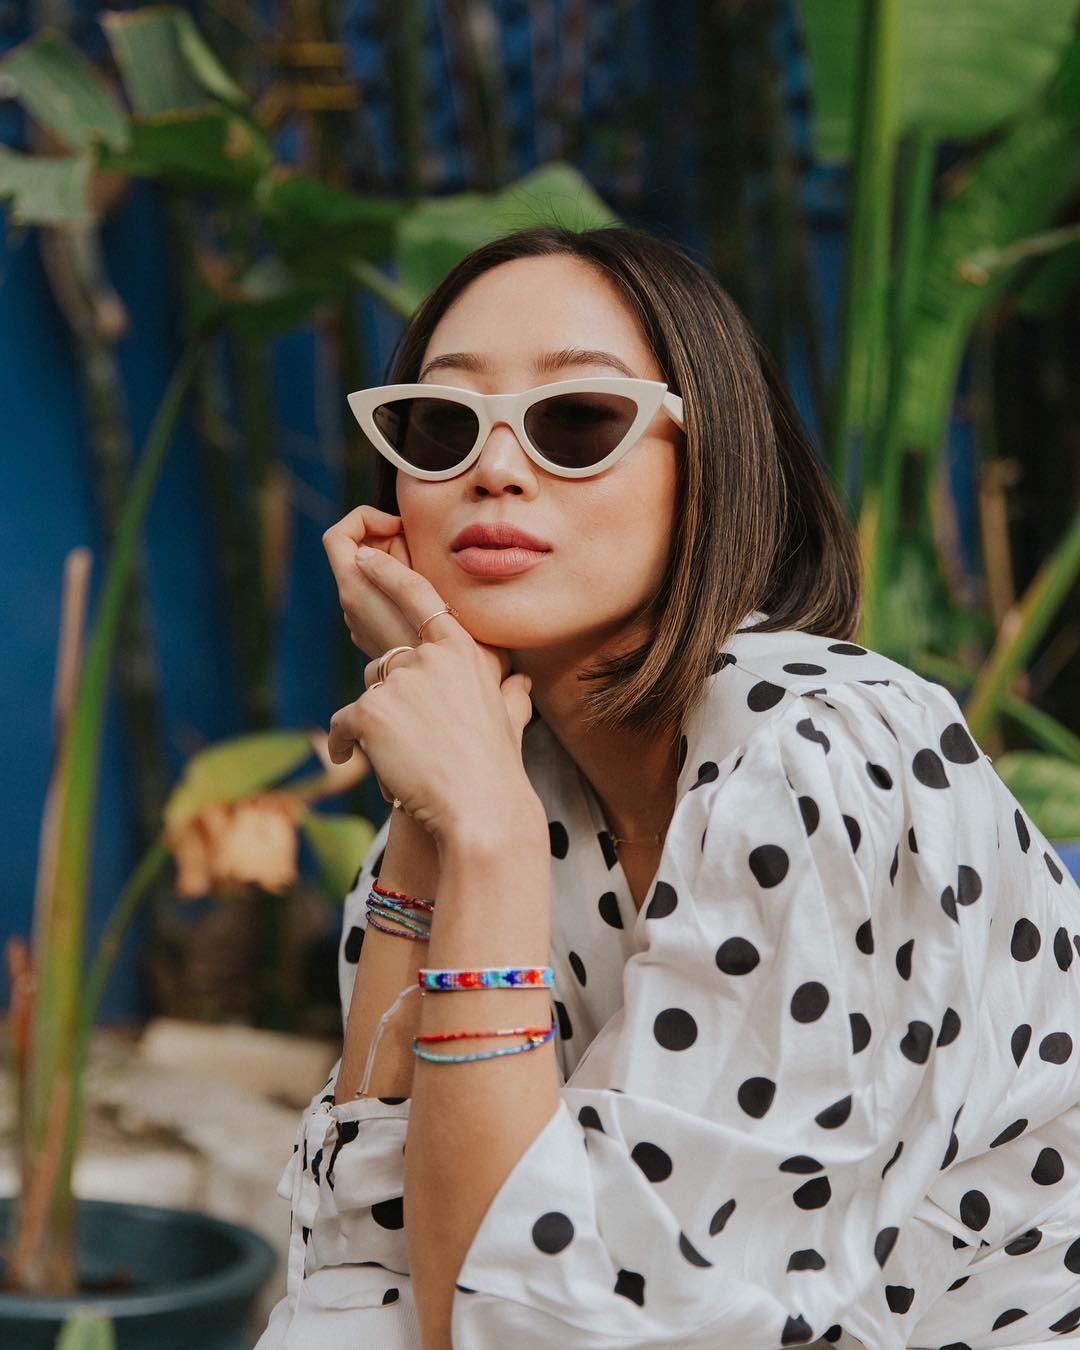 Модные солнечные очки: главные тренды 2019 года